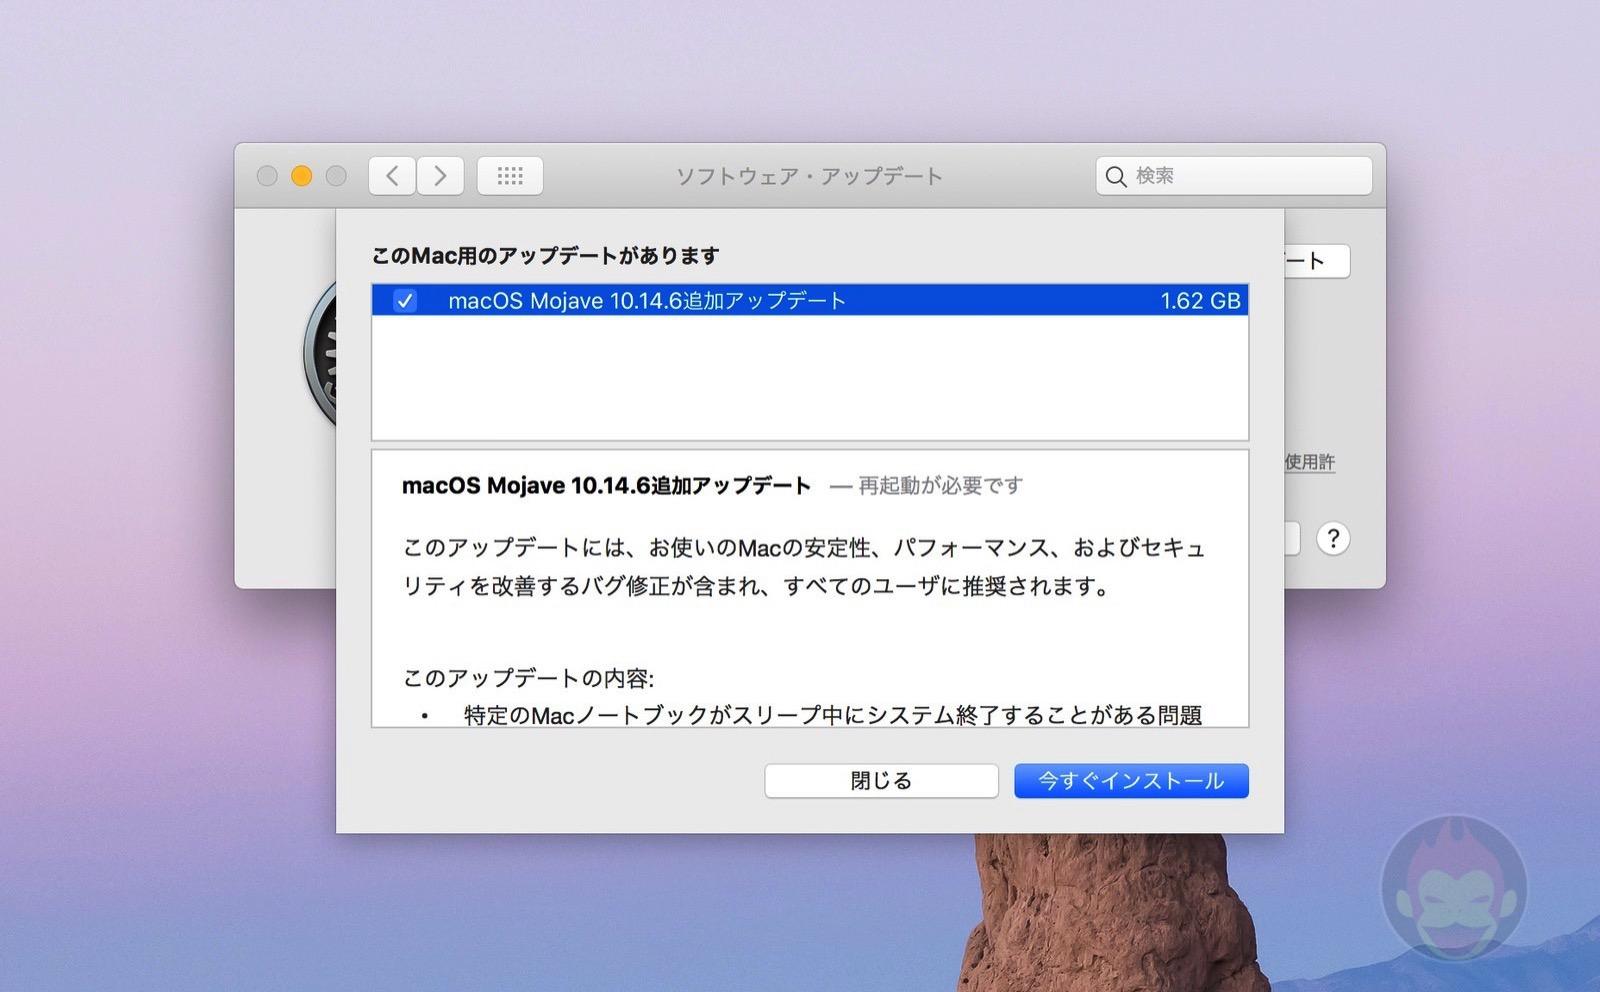 macOS-Mojave-Update-Aud27-01.jpg